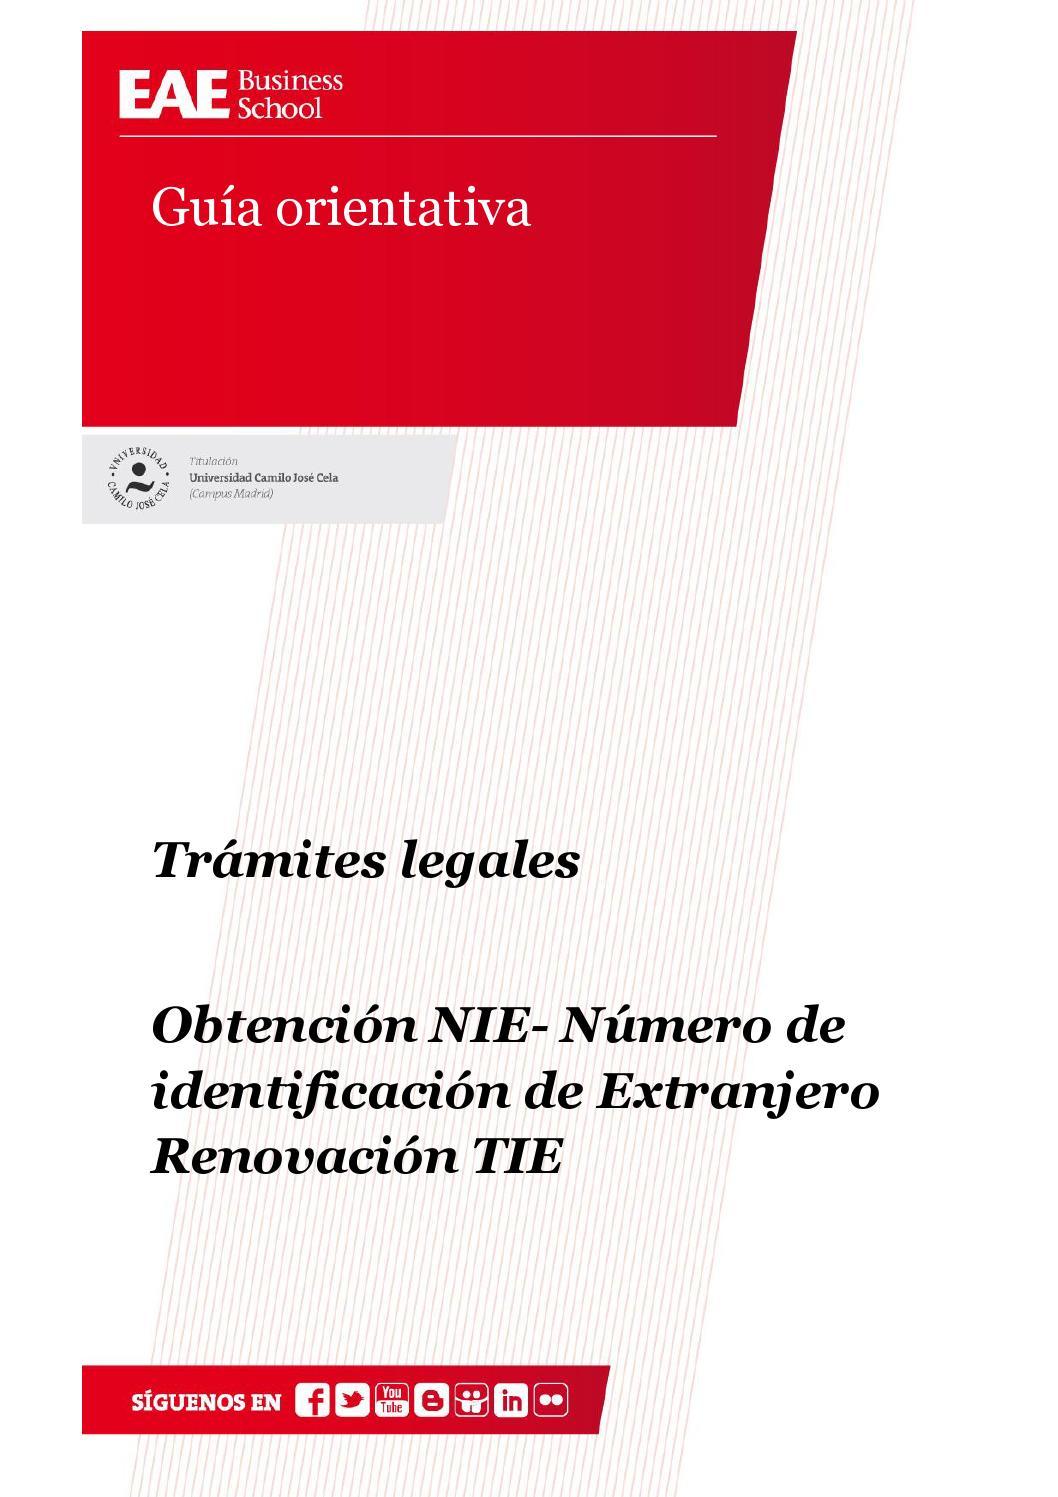 Obtenci n nie n mero de identificaci n de extranjero by eae business school issuu - Oficina de empadronamiento madrid ...